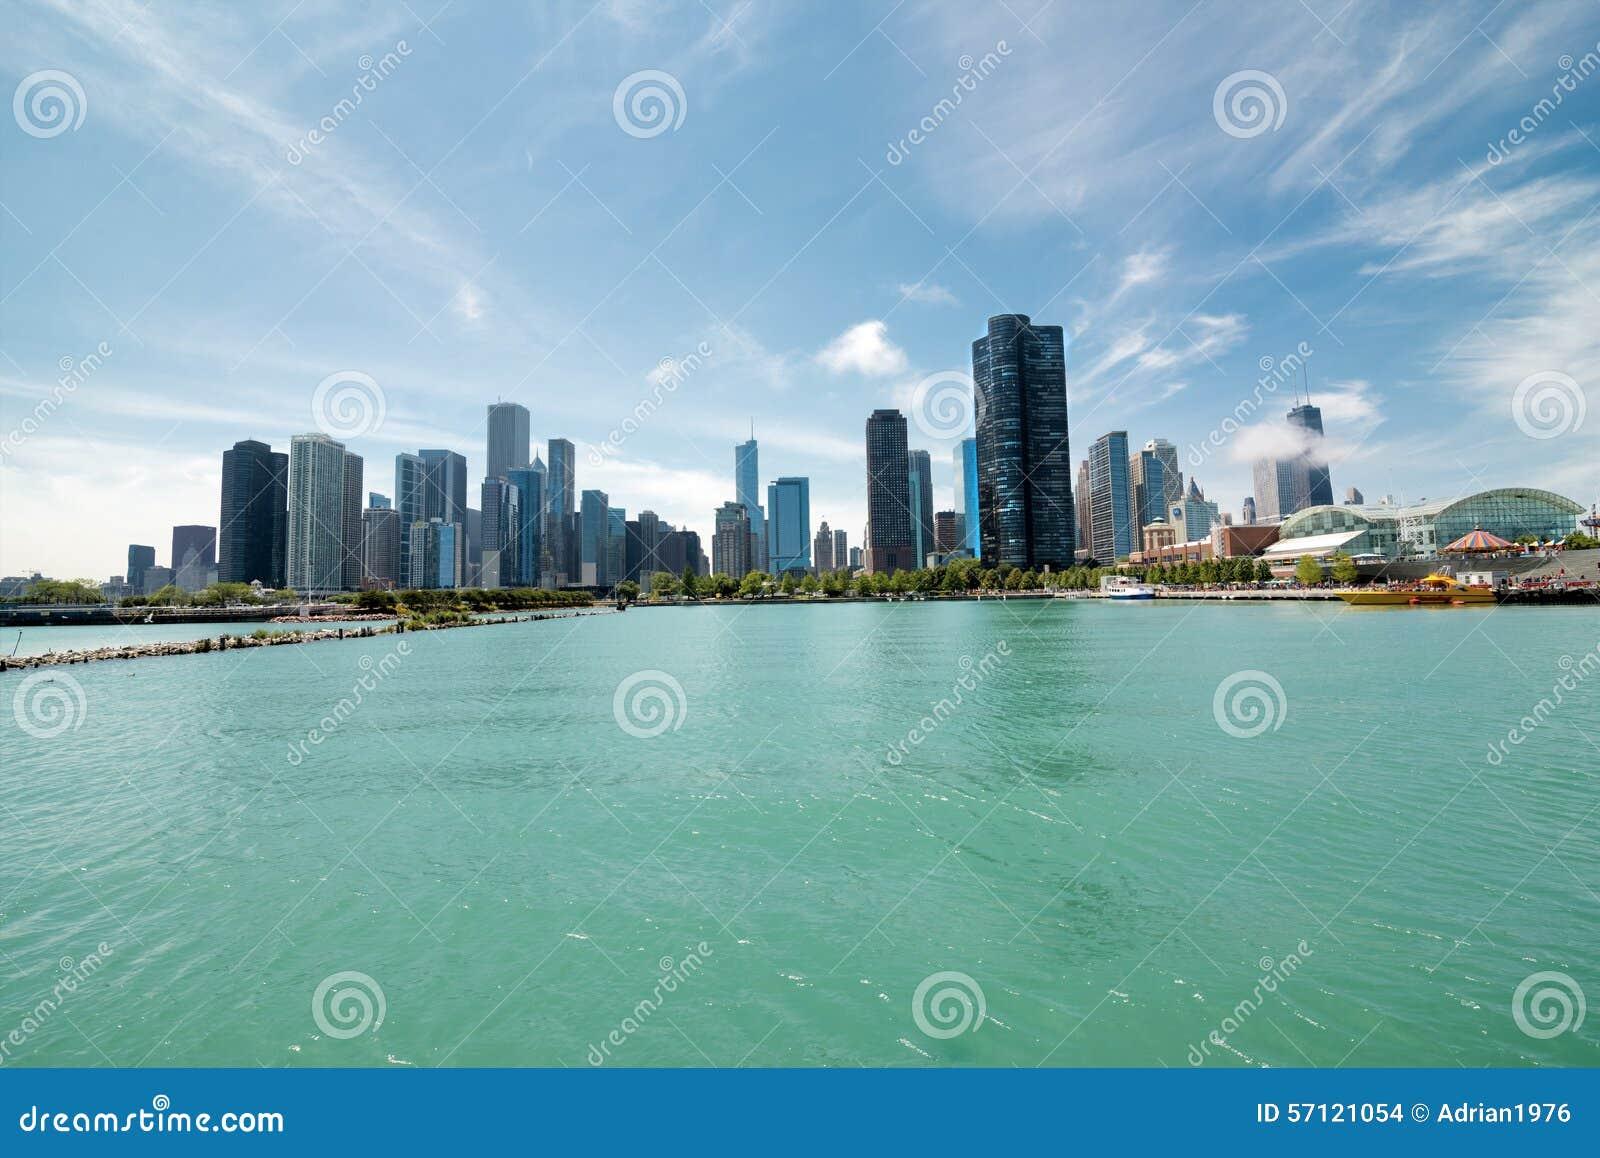 Ορίζοντας του Σικάγου